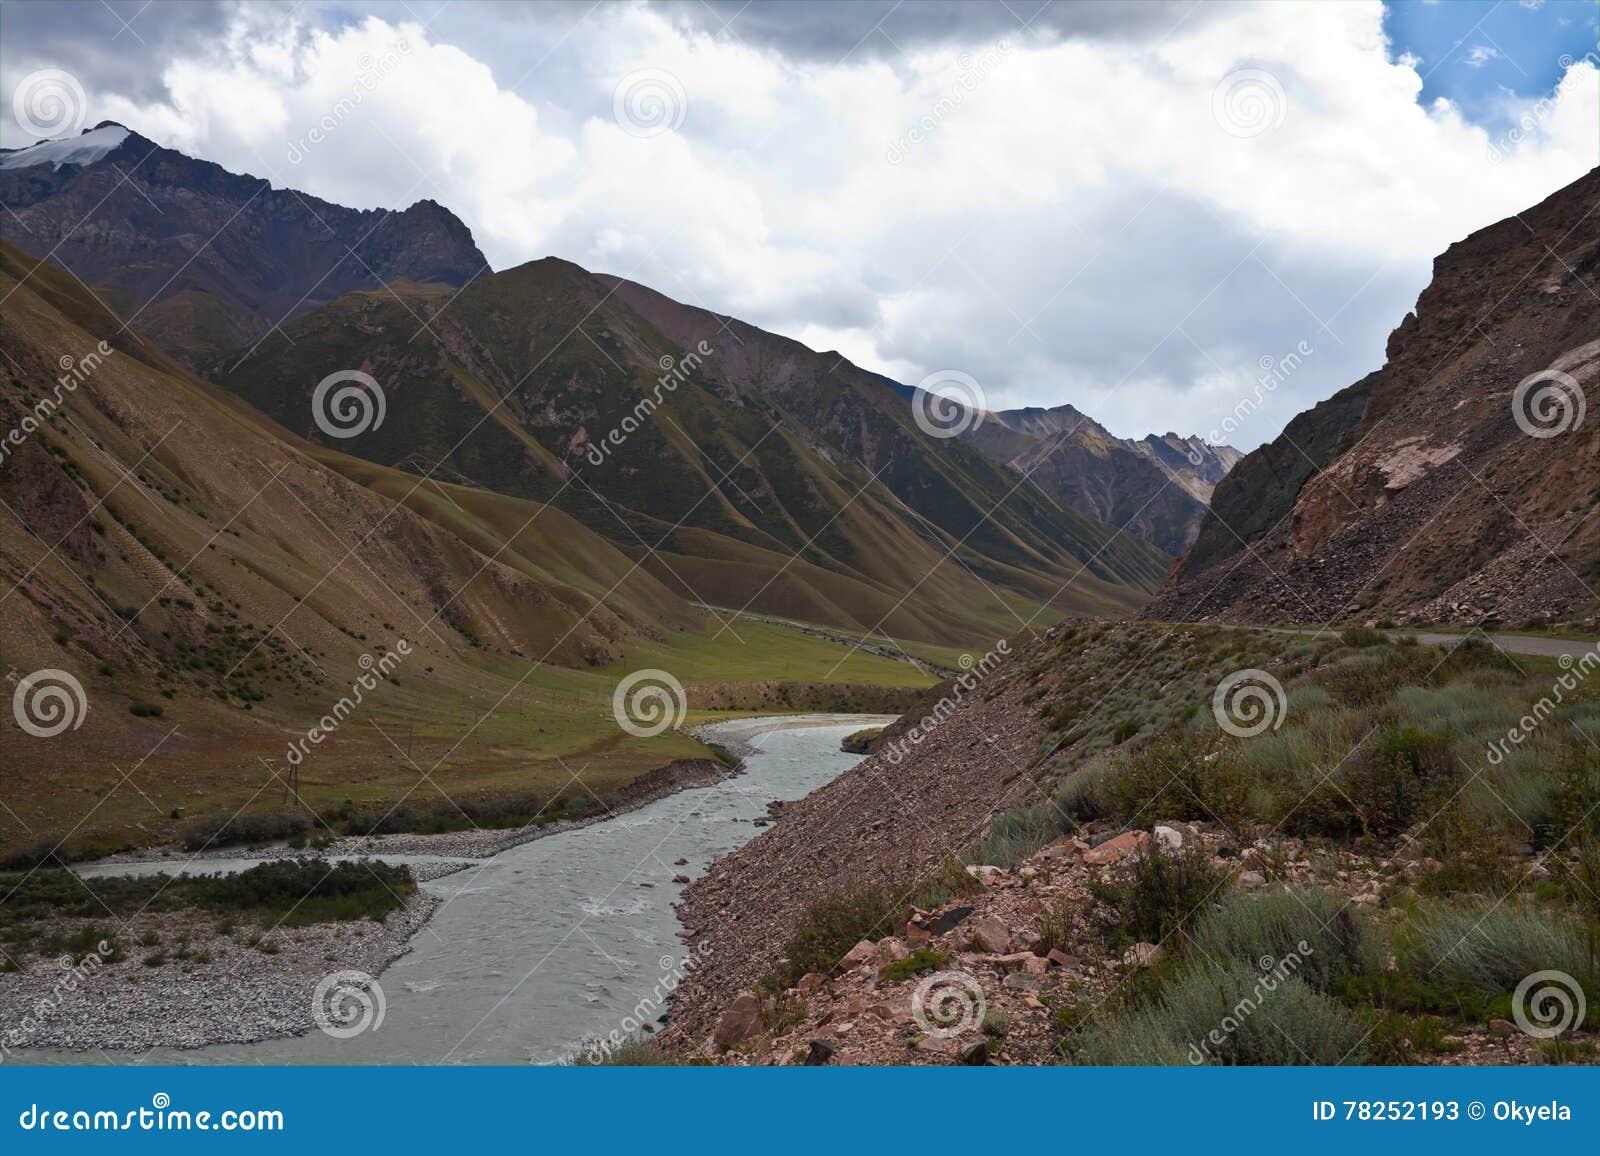 Βουνό, κοιλάδα, φαράγγι και ποταμός στην Τιέν Σαν